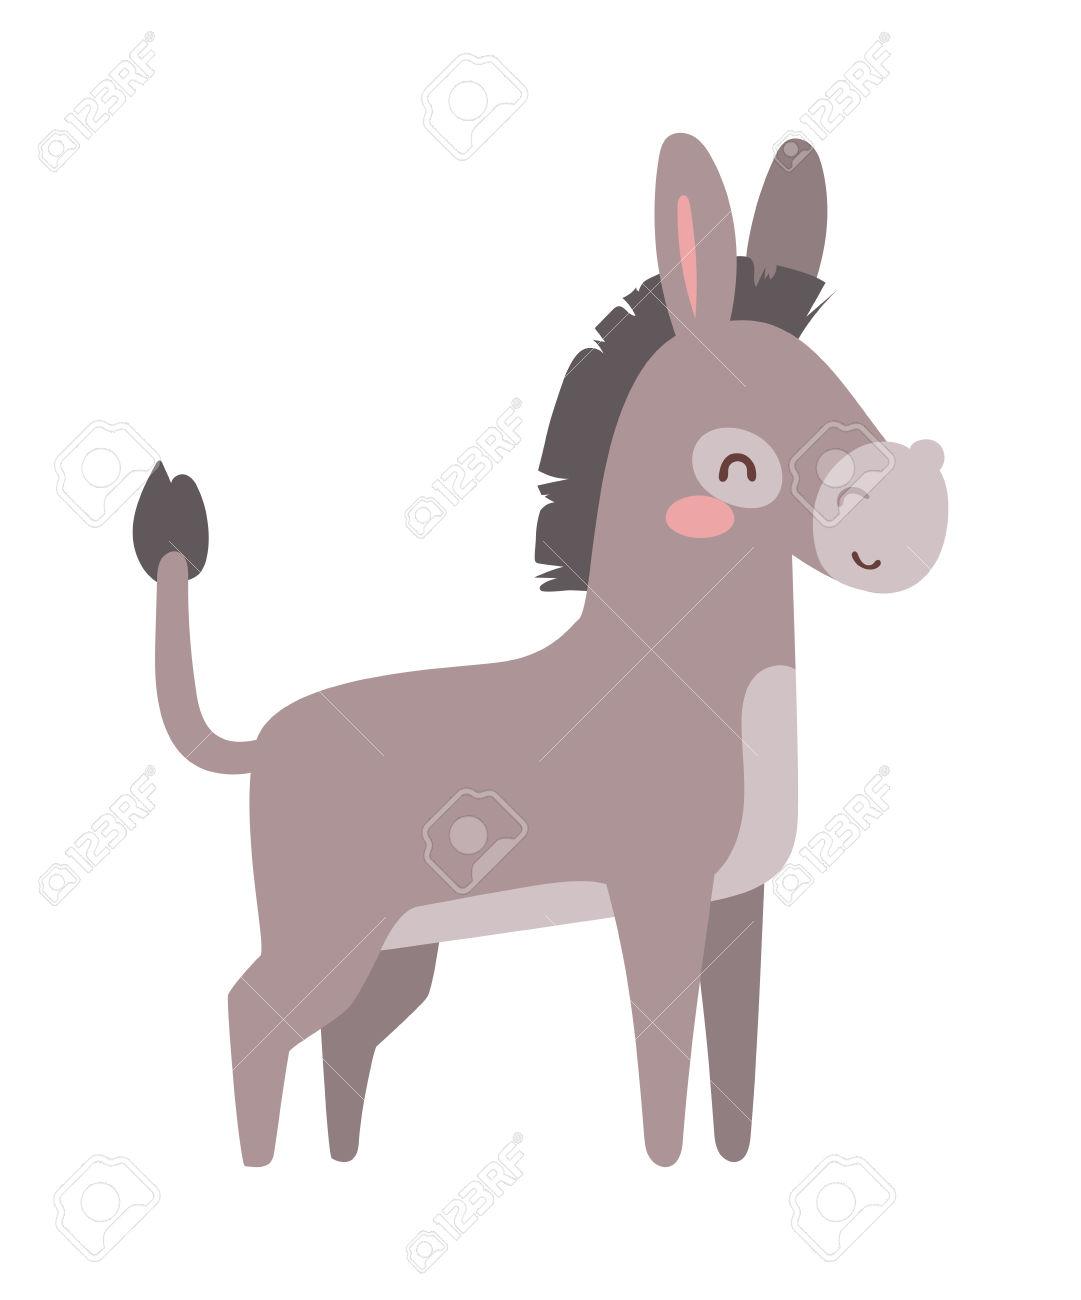 Cartoon Cute Donkey And Cute Cartoon Small Horse Donkey. Cartoon.